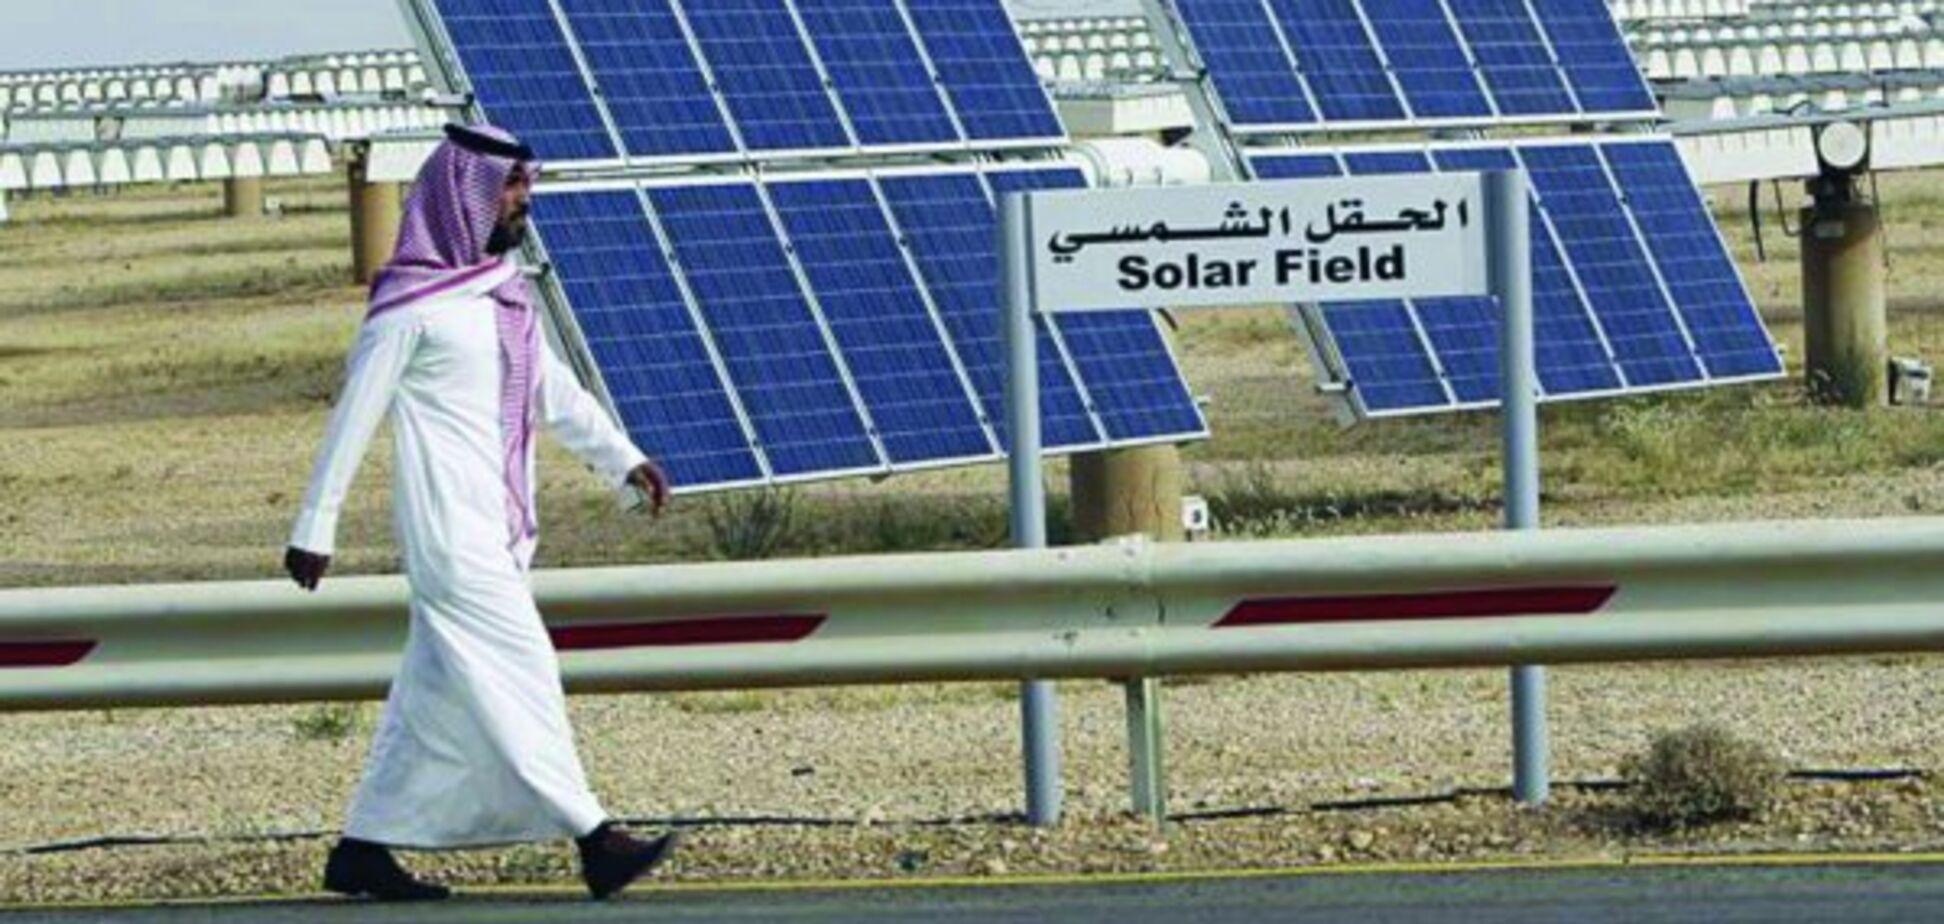 Нафтова держава повідомила про частковий перехід на сонячну енергію